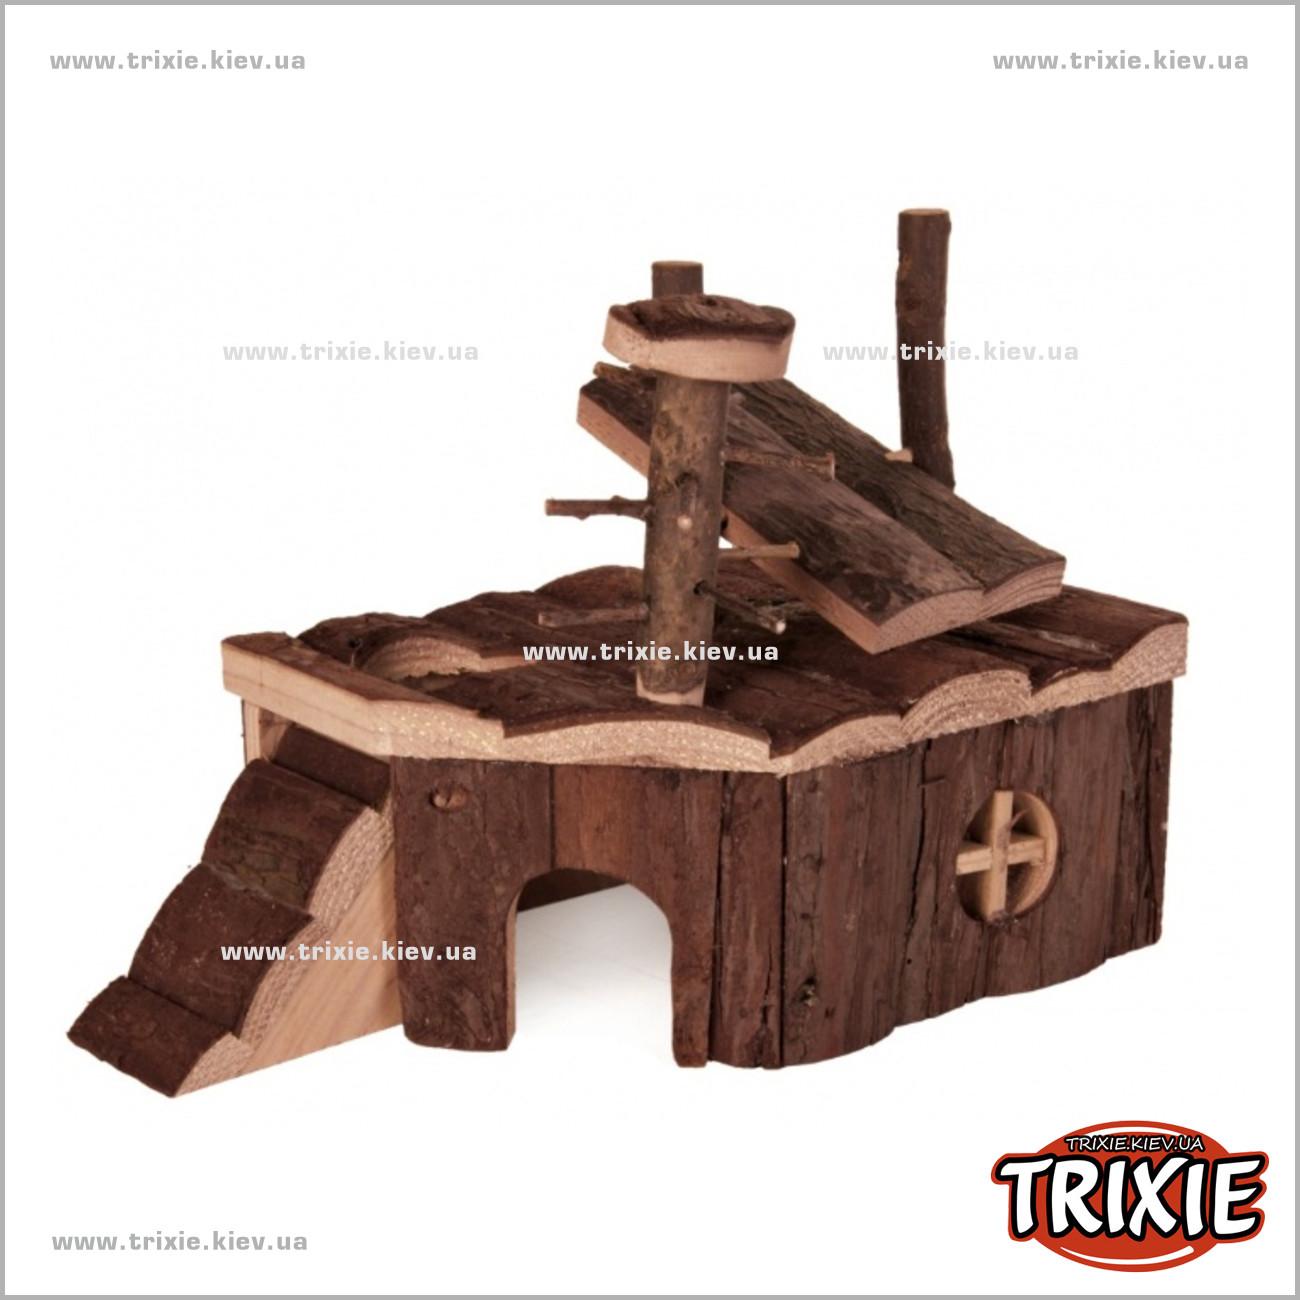 Сделать деревянный домик для хомяка своими руками